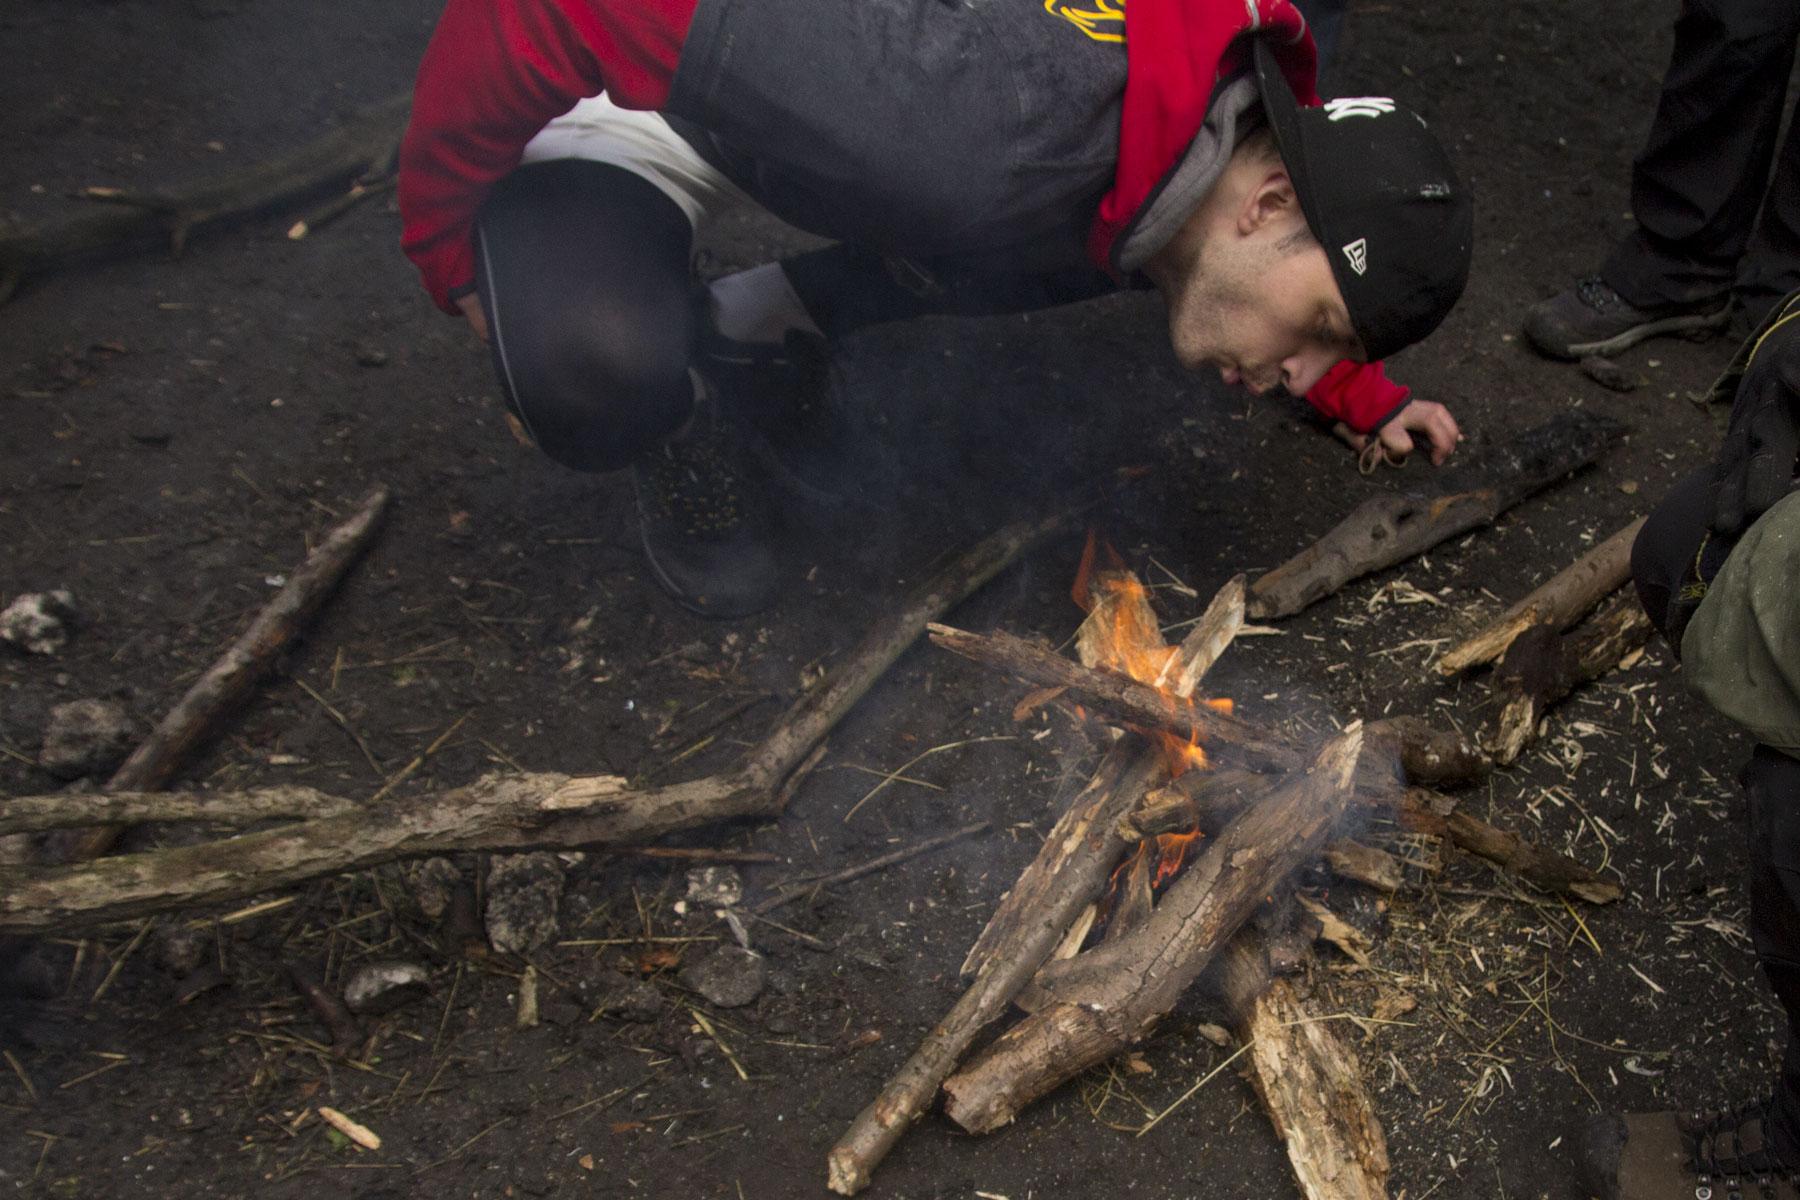 Podtrzymujemy ogień